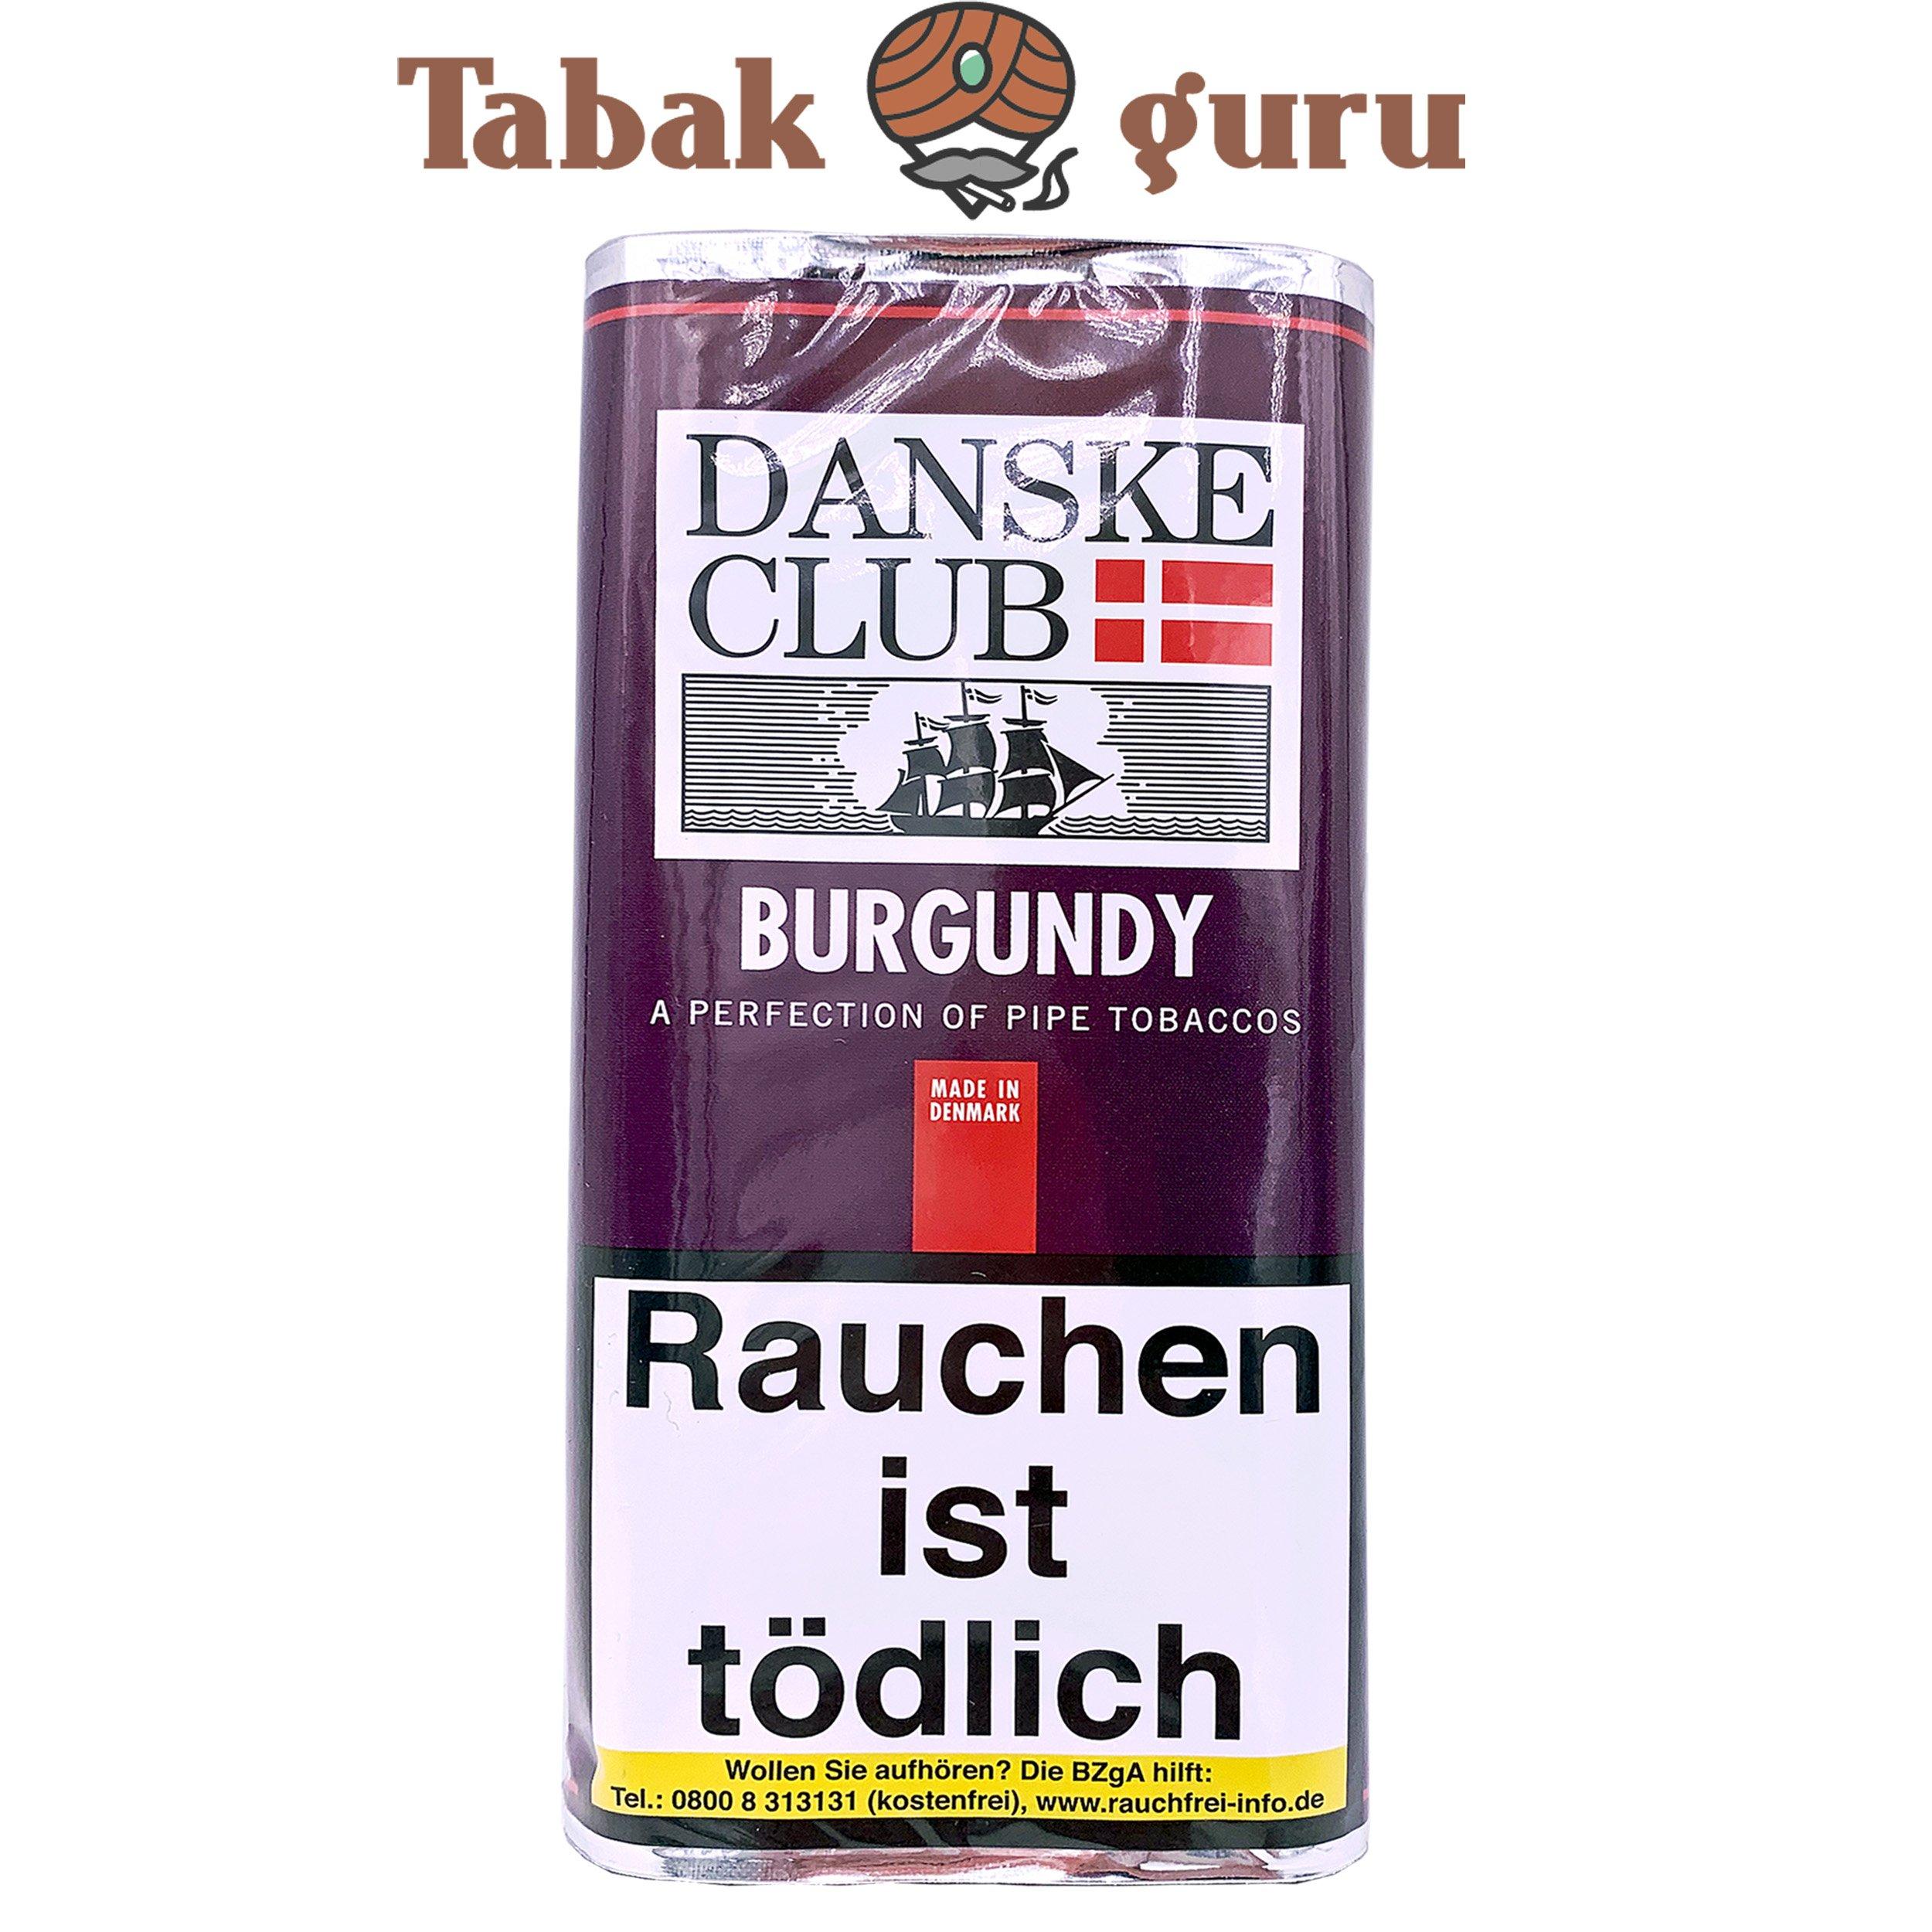 Danske Ckub Burgundy Pfeifentabak 50g Pouch